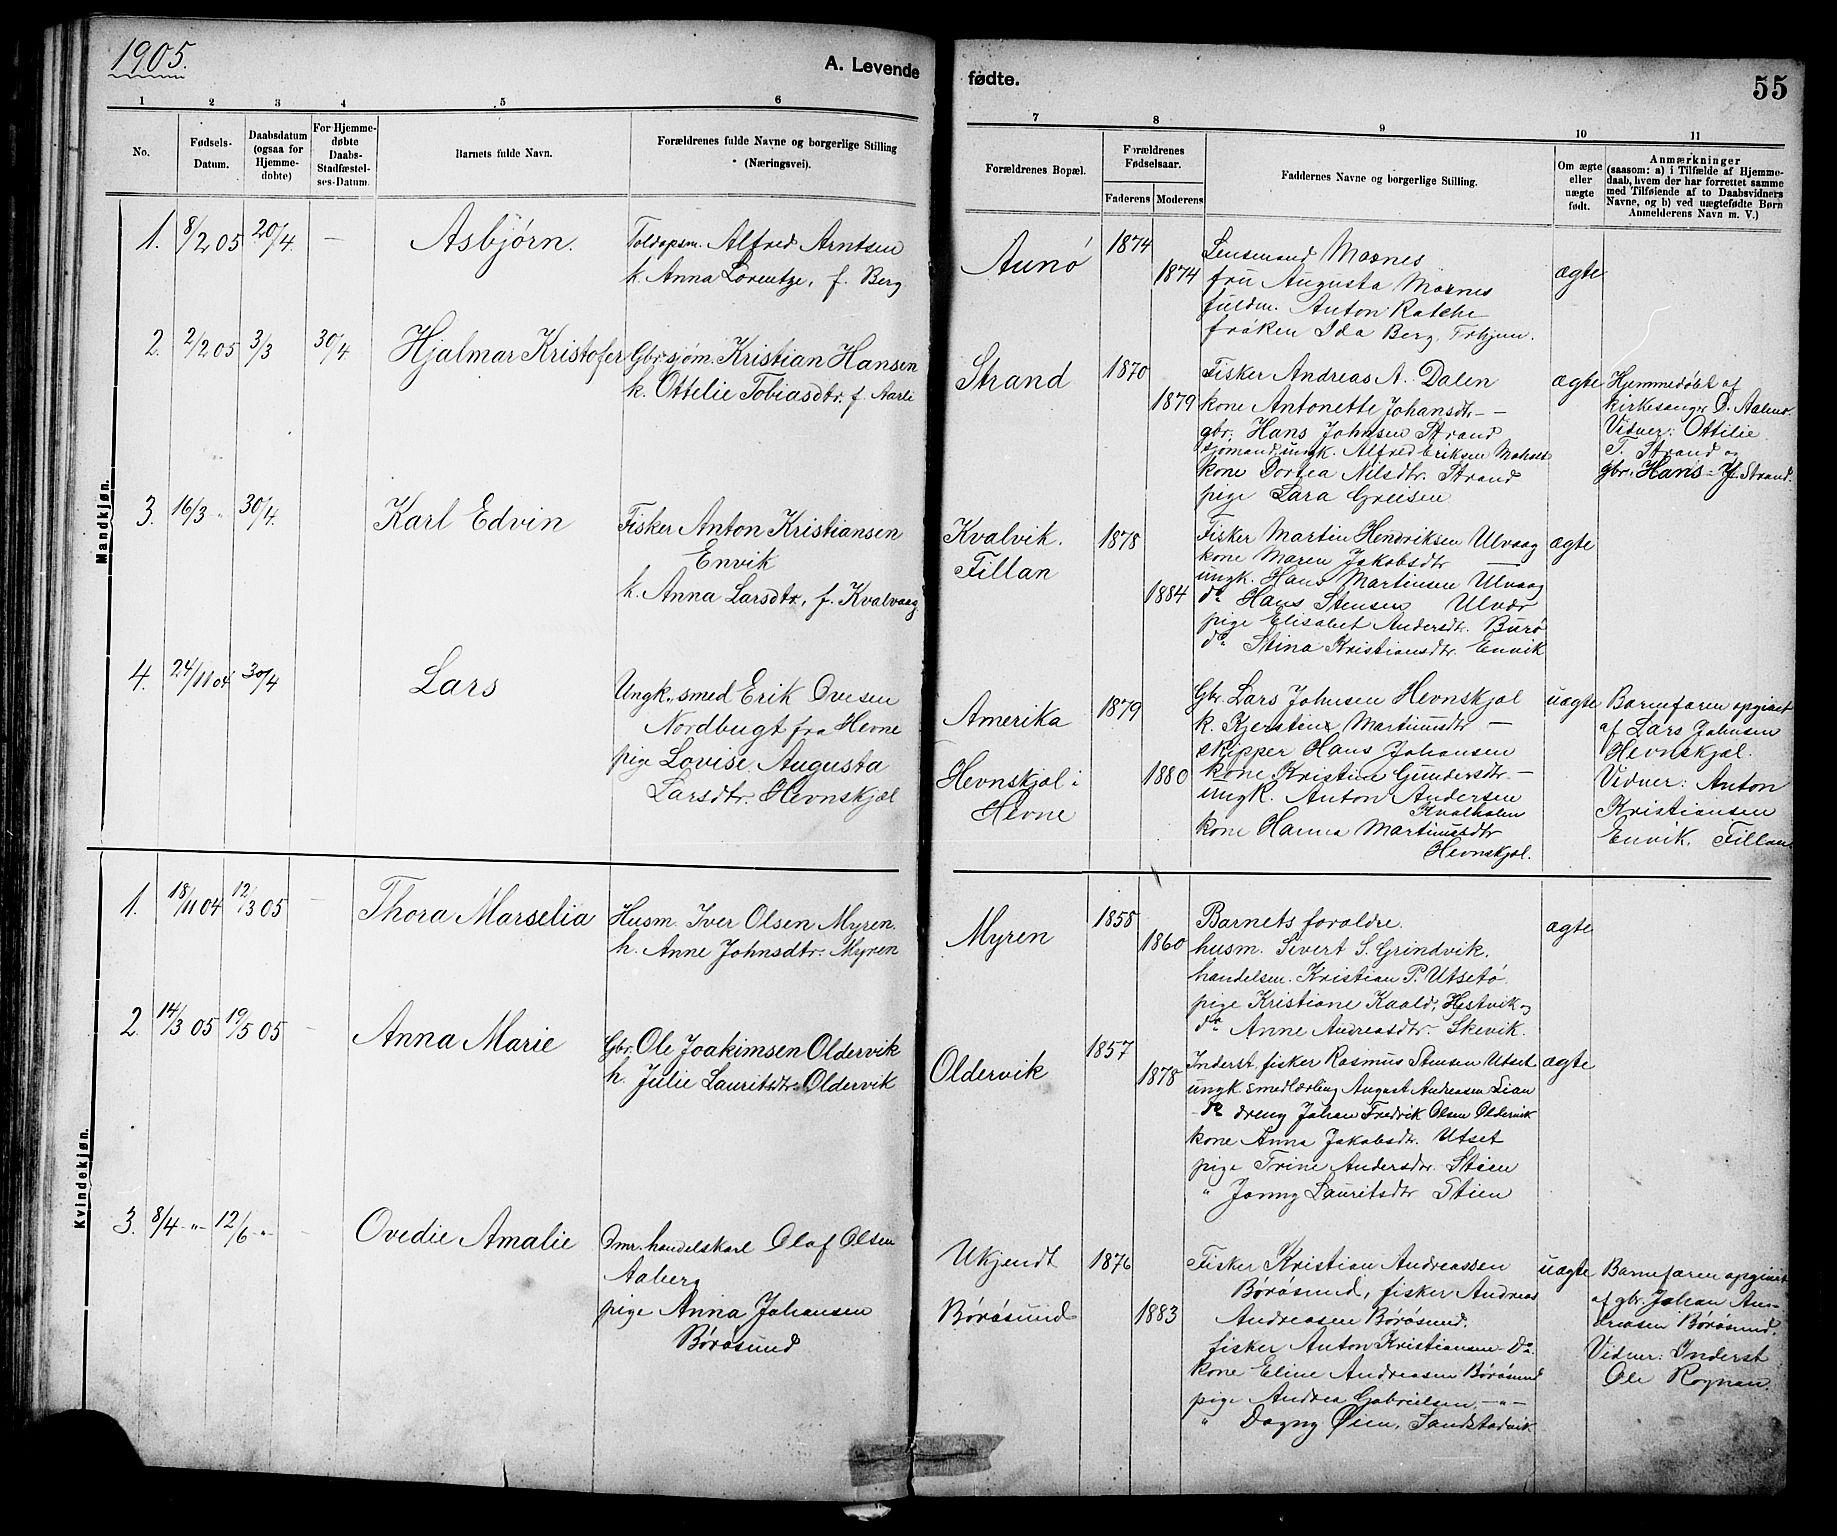 SAT, Ministerialprotokoller, klokkerbøker og fødselsregistre - Sør-Trøndelag, 639/L0573: Klokkerbok nr. 639C01, 1890-1905, s. 55